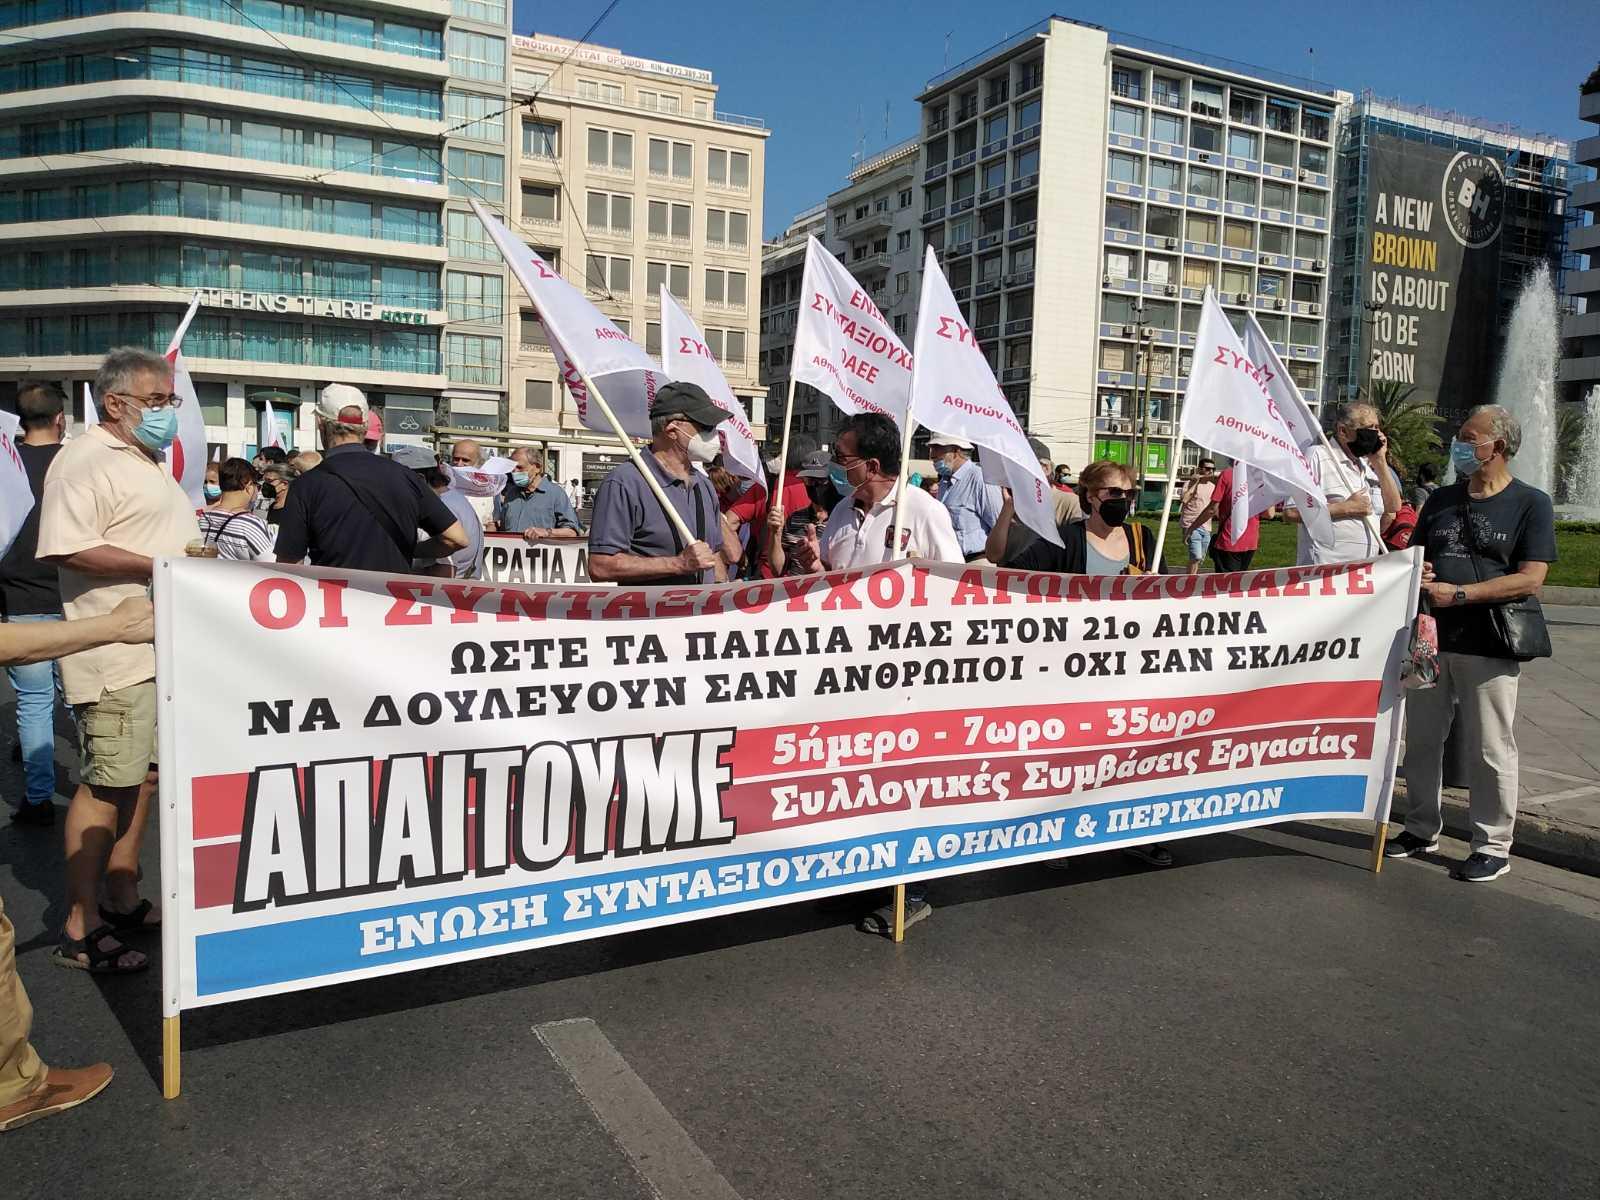 Απεργία σήμερα: Συγκεντρώσεις στο κέντρο της Αθήνας – Ποιοι δρόμοι είναι κλειστοί